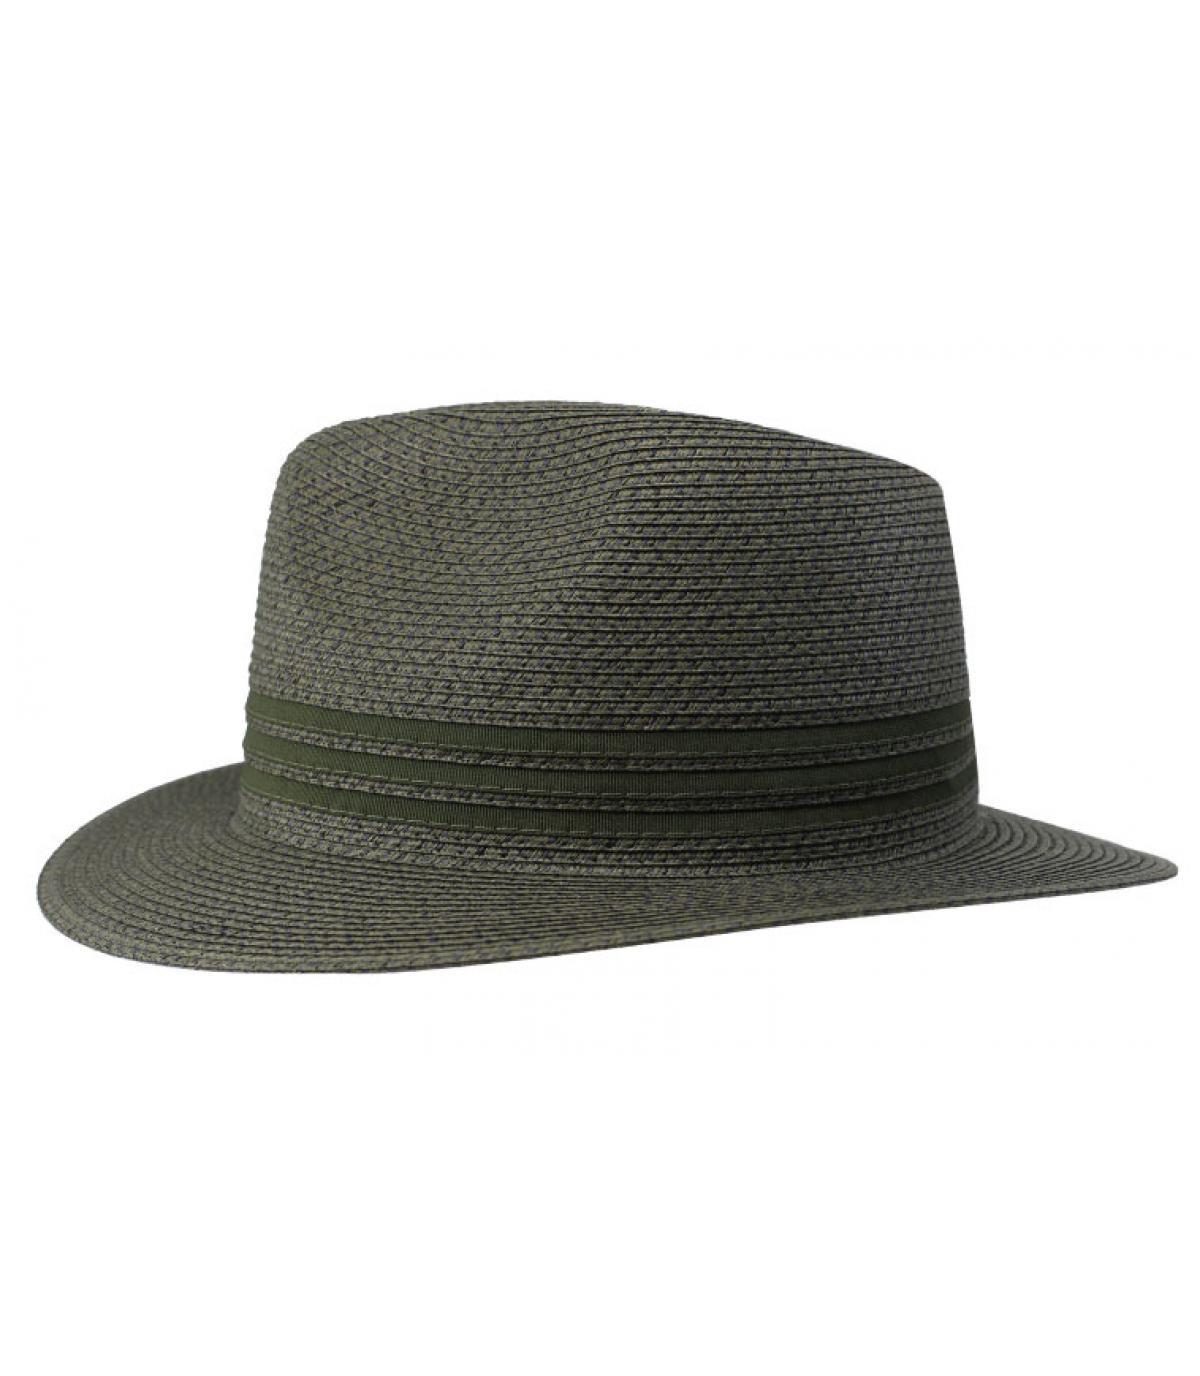 green straw hat